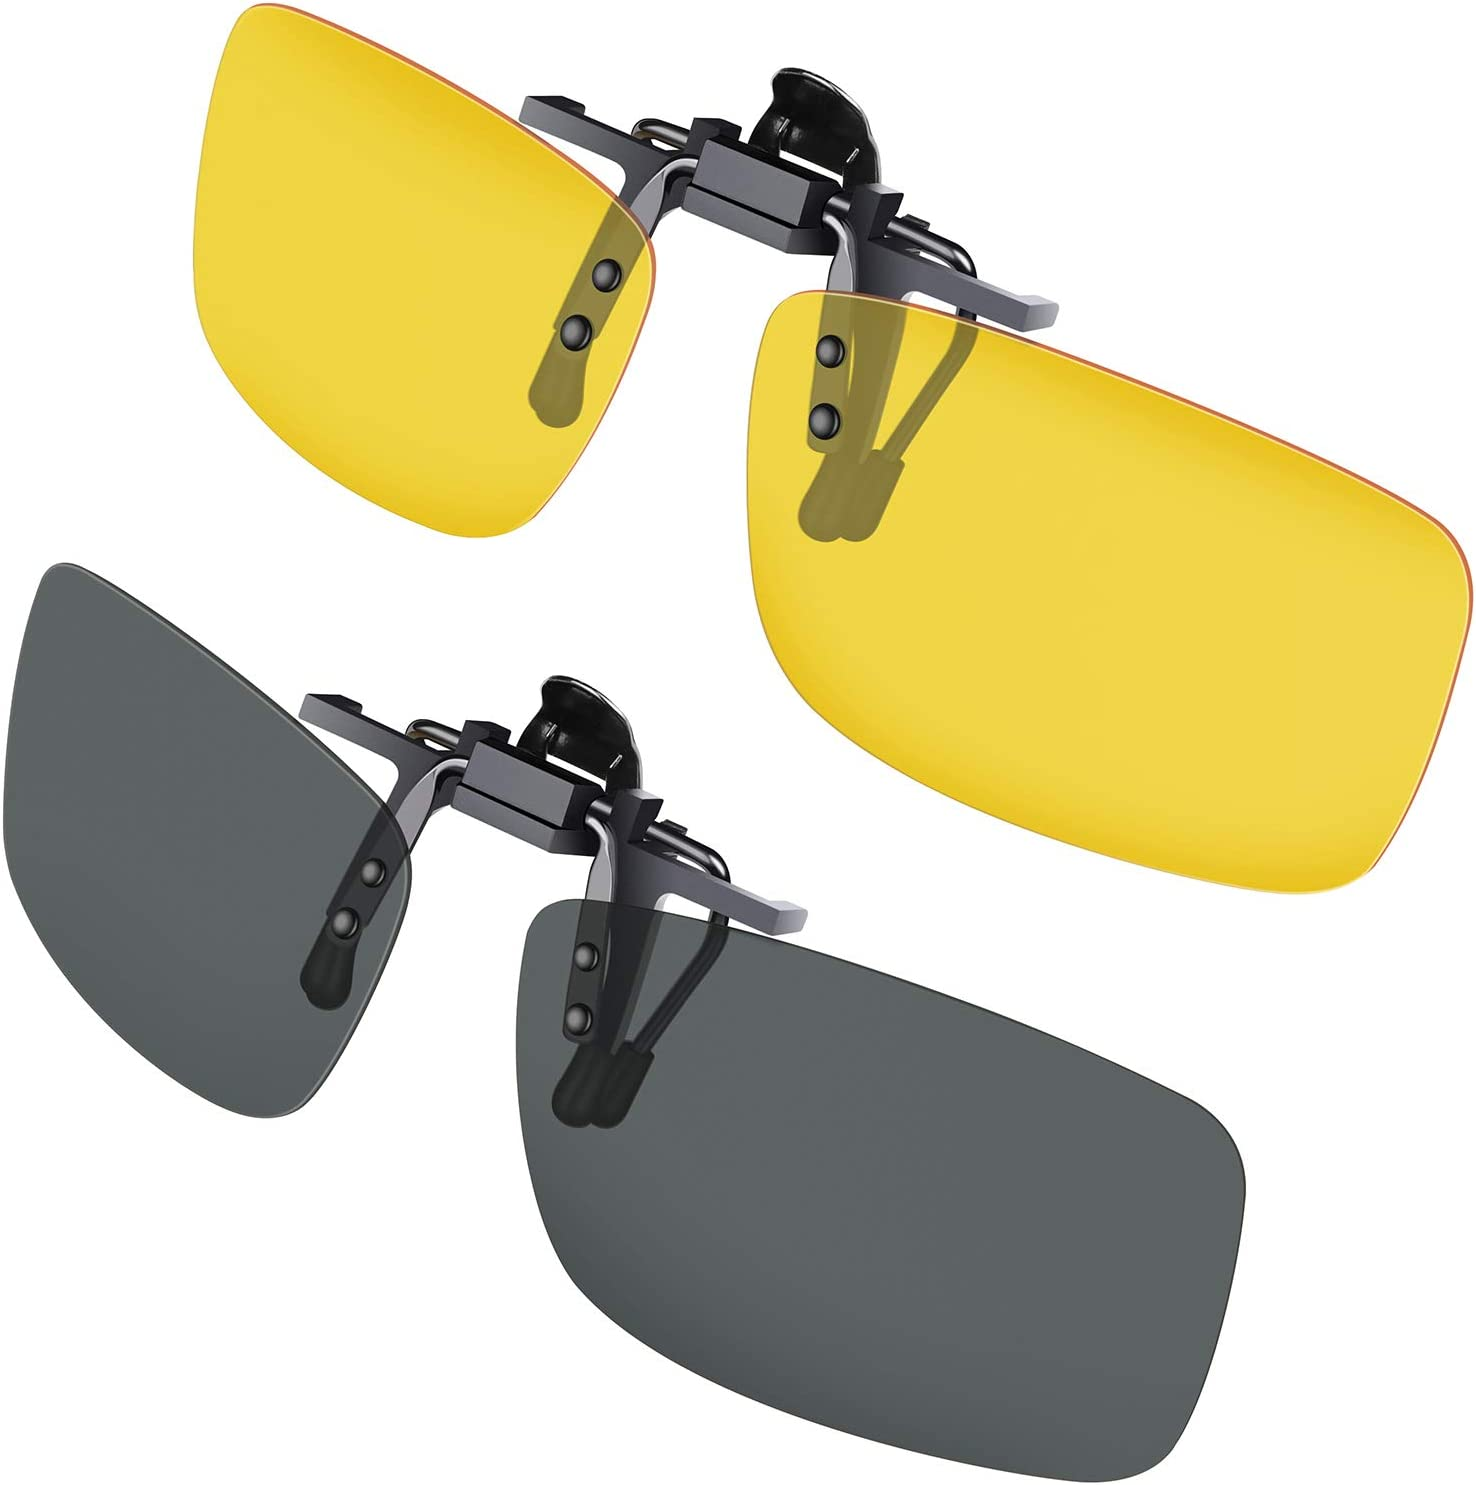 Gafas de sol con clip, Gritin [2 unidades/día + noche visión] Gafas de sol polarizadas UV400 para hombre y mujer, ajuste cómodo y seguro sobre gafas de sol para conducción y al aire libre